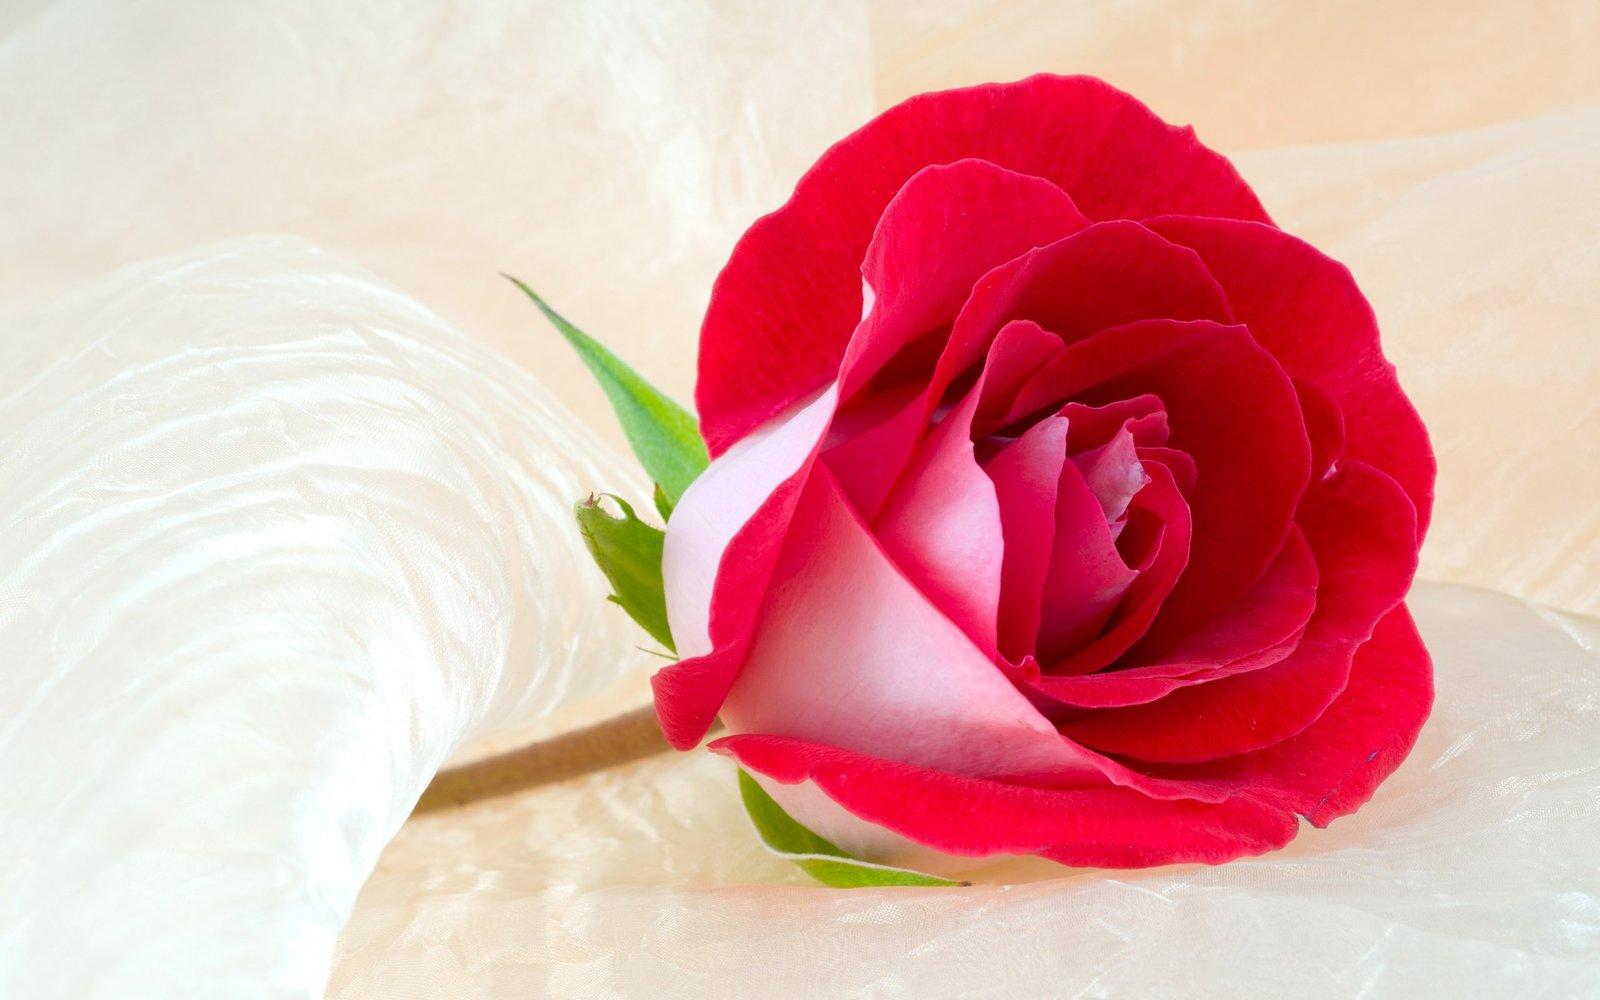 صورة ورود رومانسية , اجمل صور ورود جميلة ورومانسية 3746 7